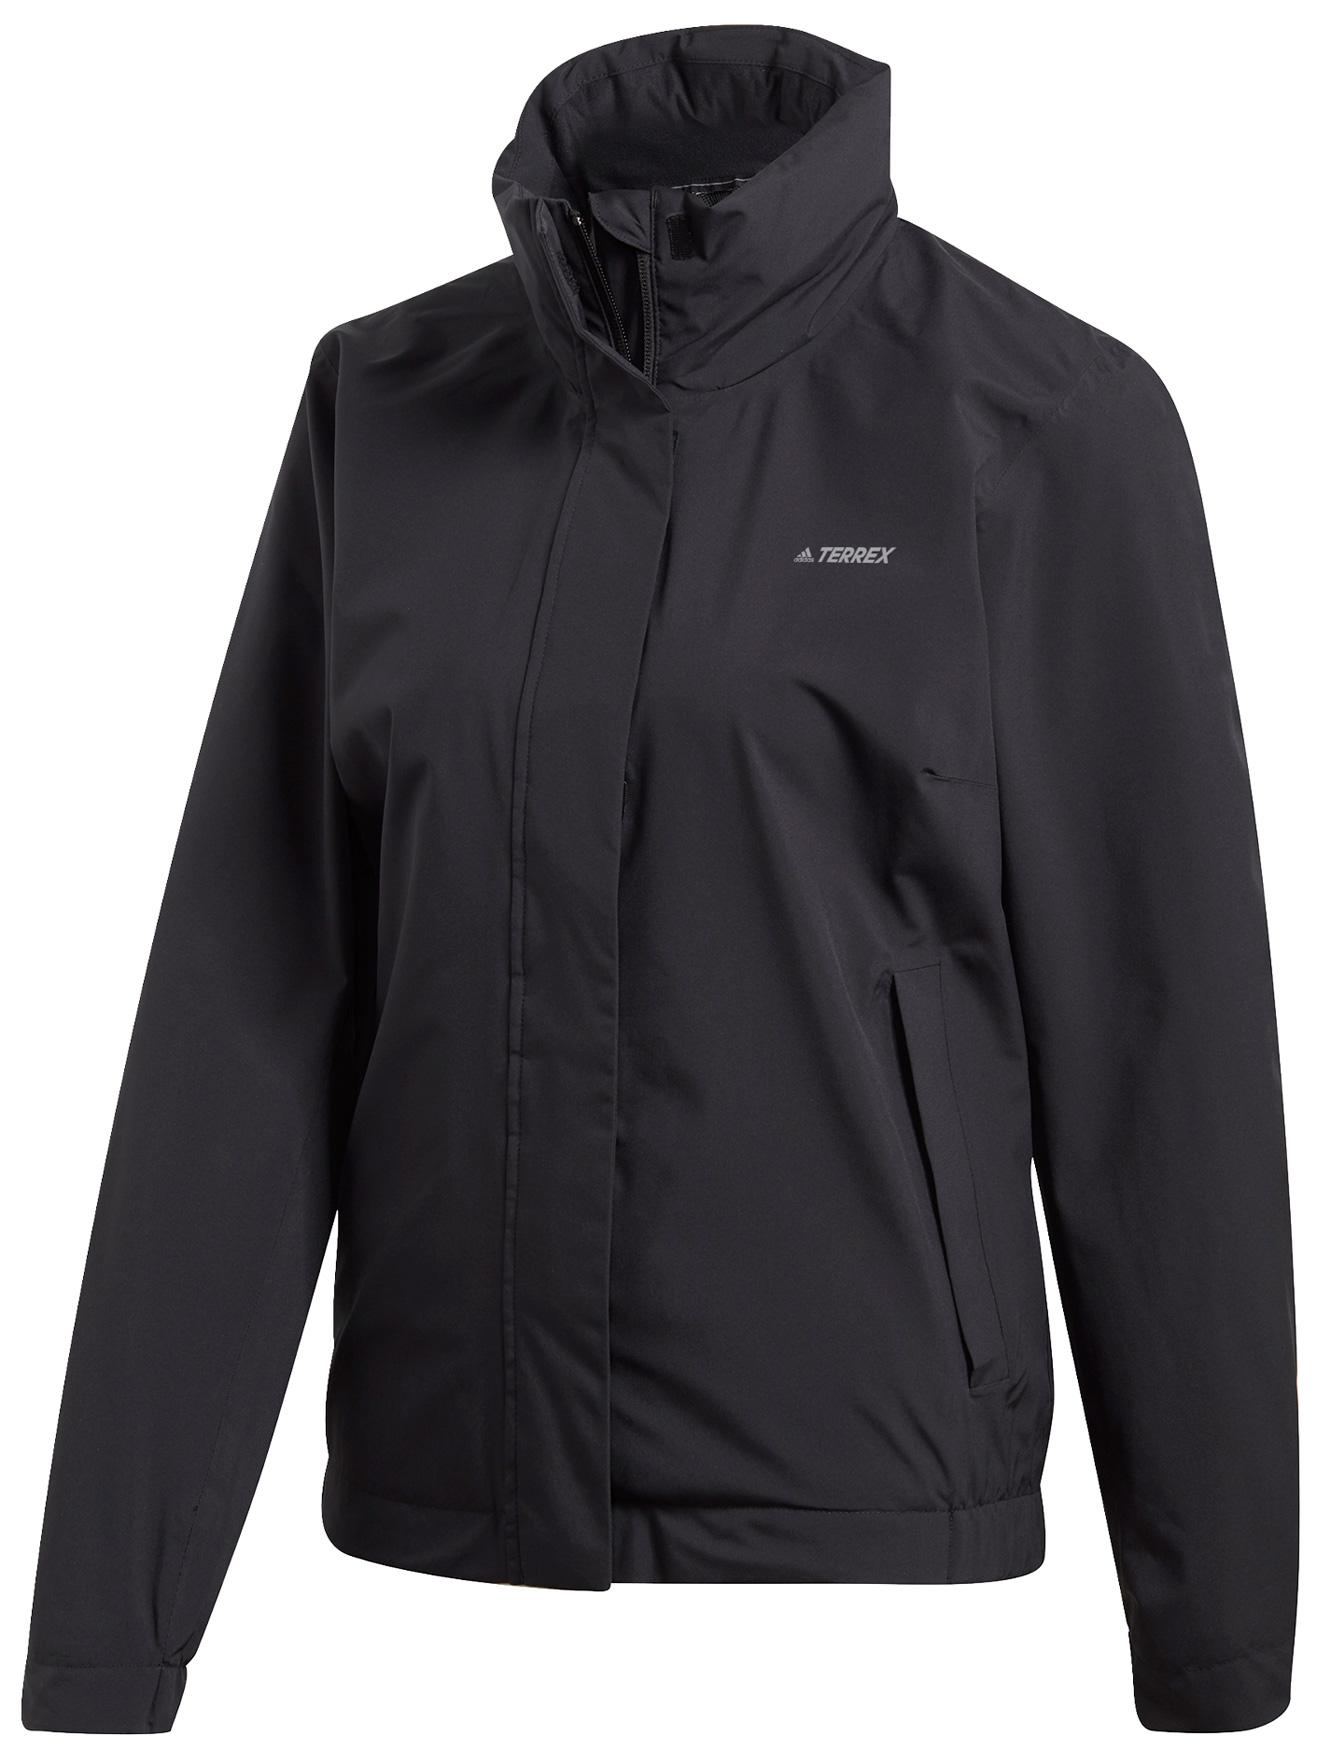 adidas Women's TERREX AX Rain Jacket - black FR5774